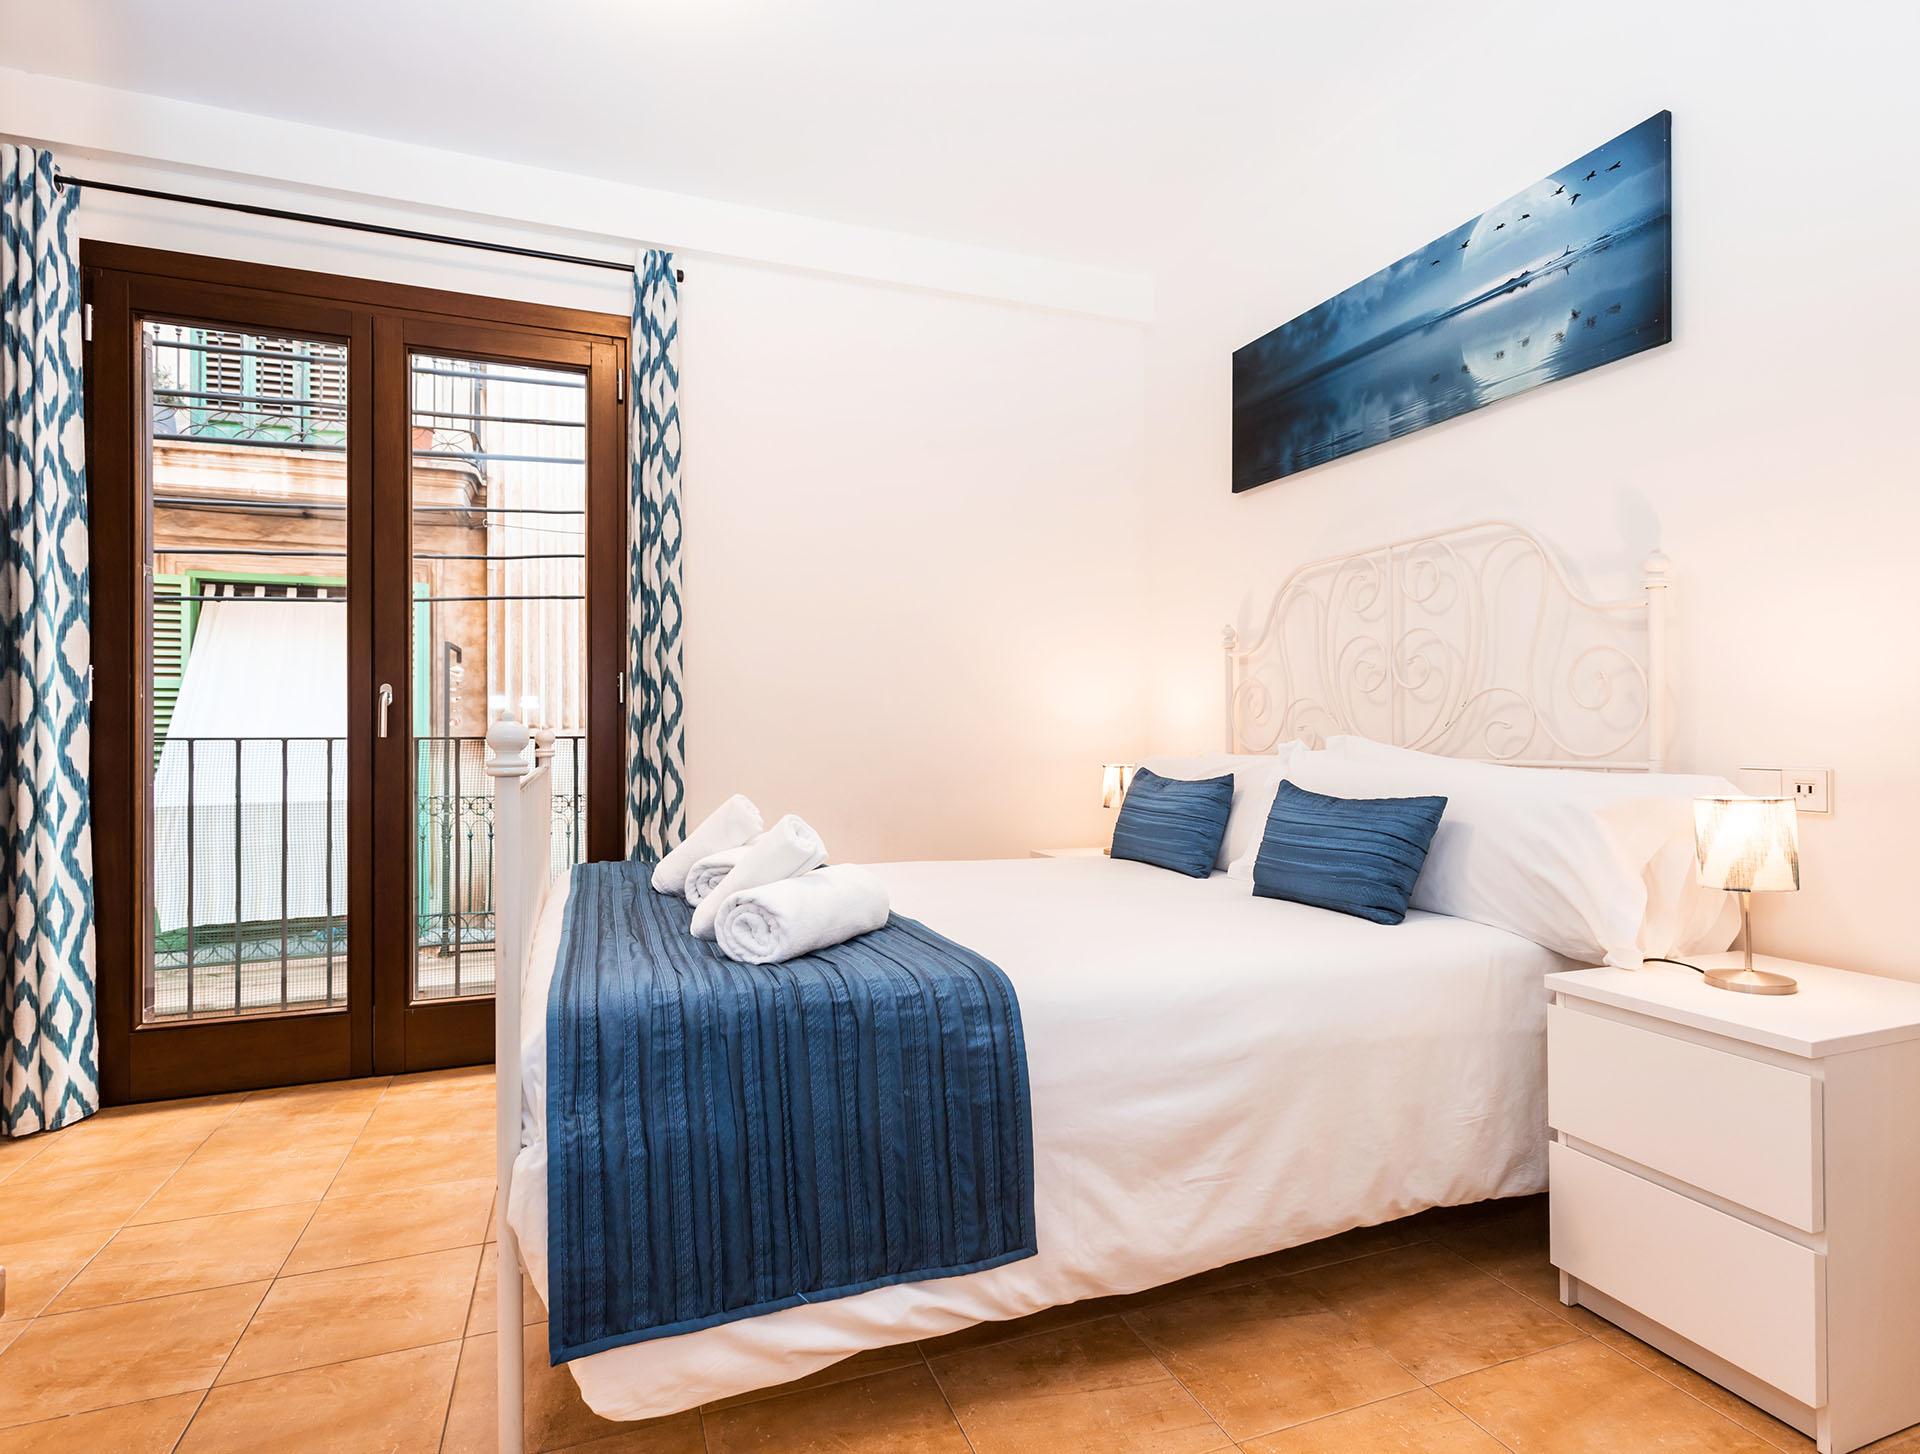 Mallorca-Suites-Apartamento-Deluxe-Palma-de-Mallorca-Habitacion-1